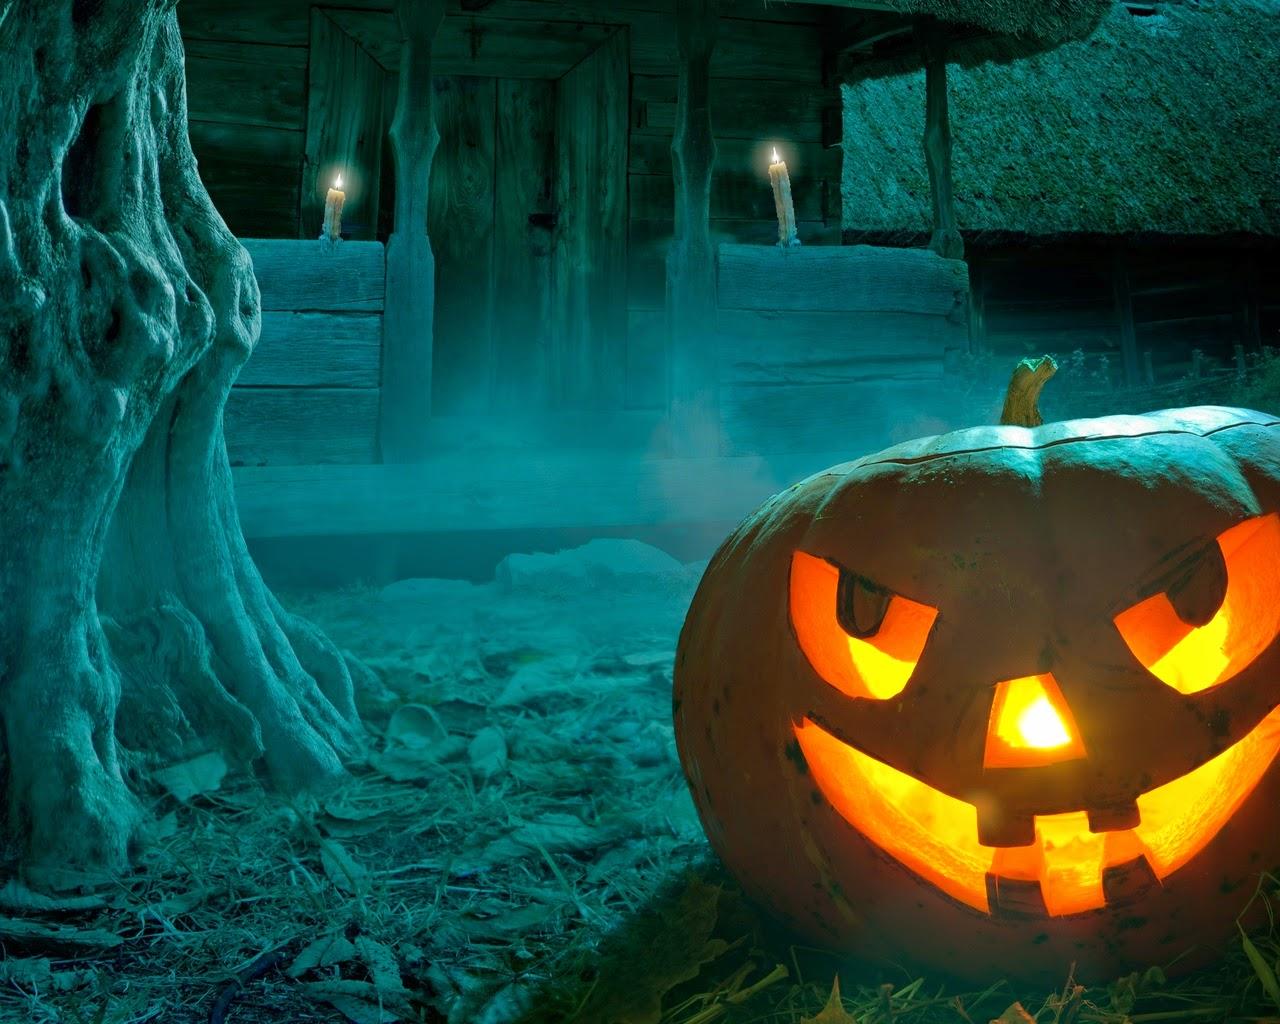 Halloween Party scenario